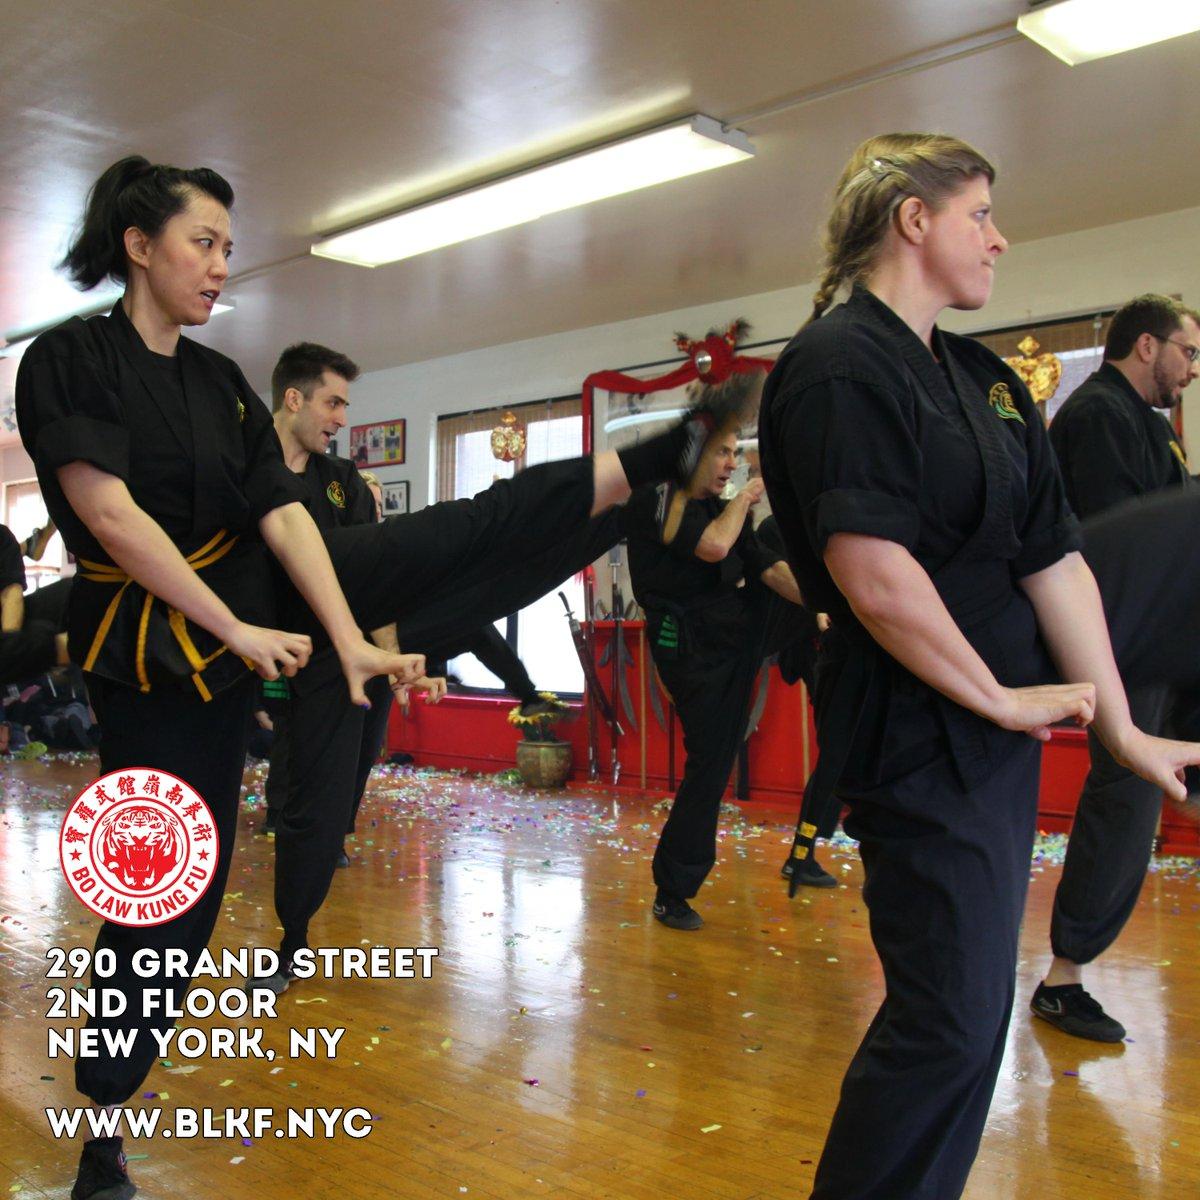 Bo Law Kung Fu On Twitter Https T Co Hllvr5gvfn